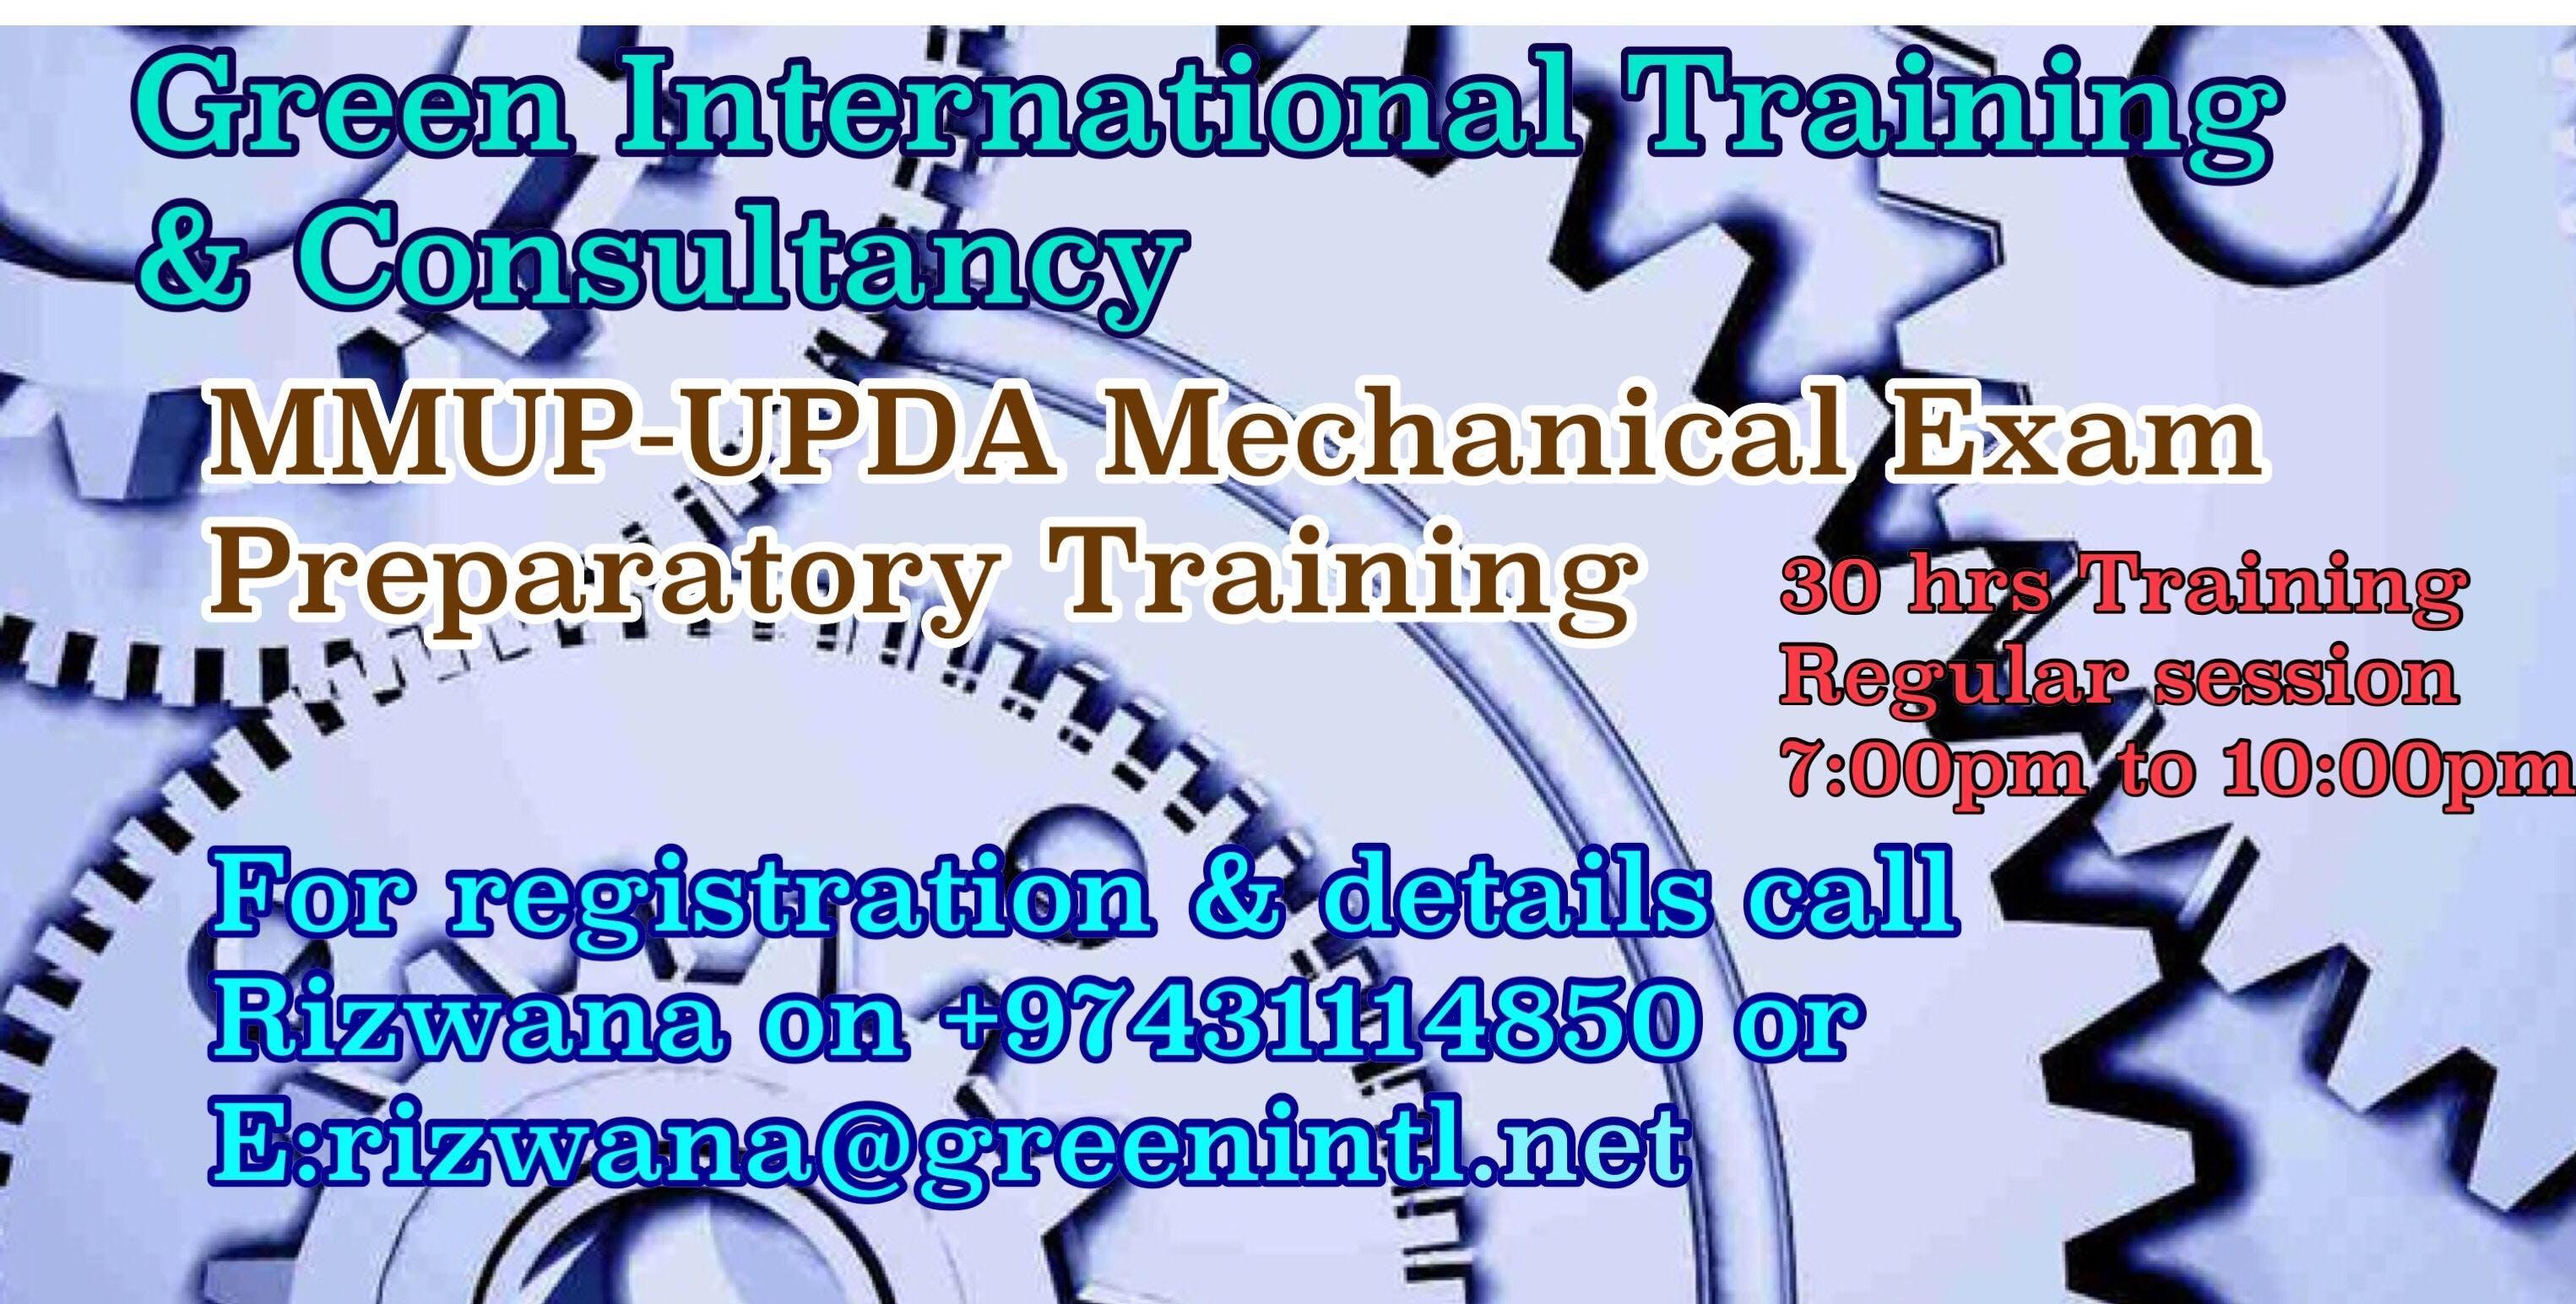 Mmup upda mechanical examination preparatory training at green mmup upda mechanical examination preparatory training fandeluxe Gallery